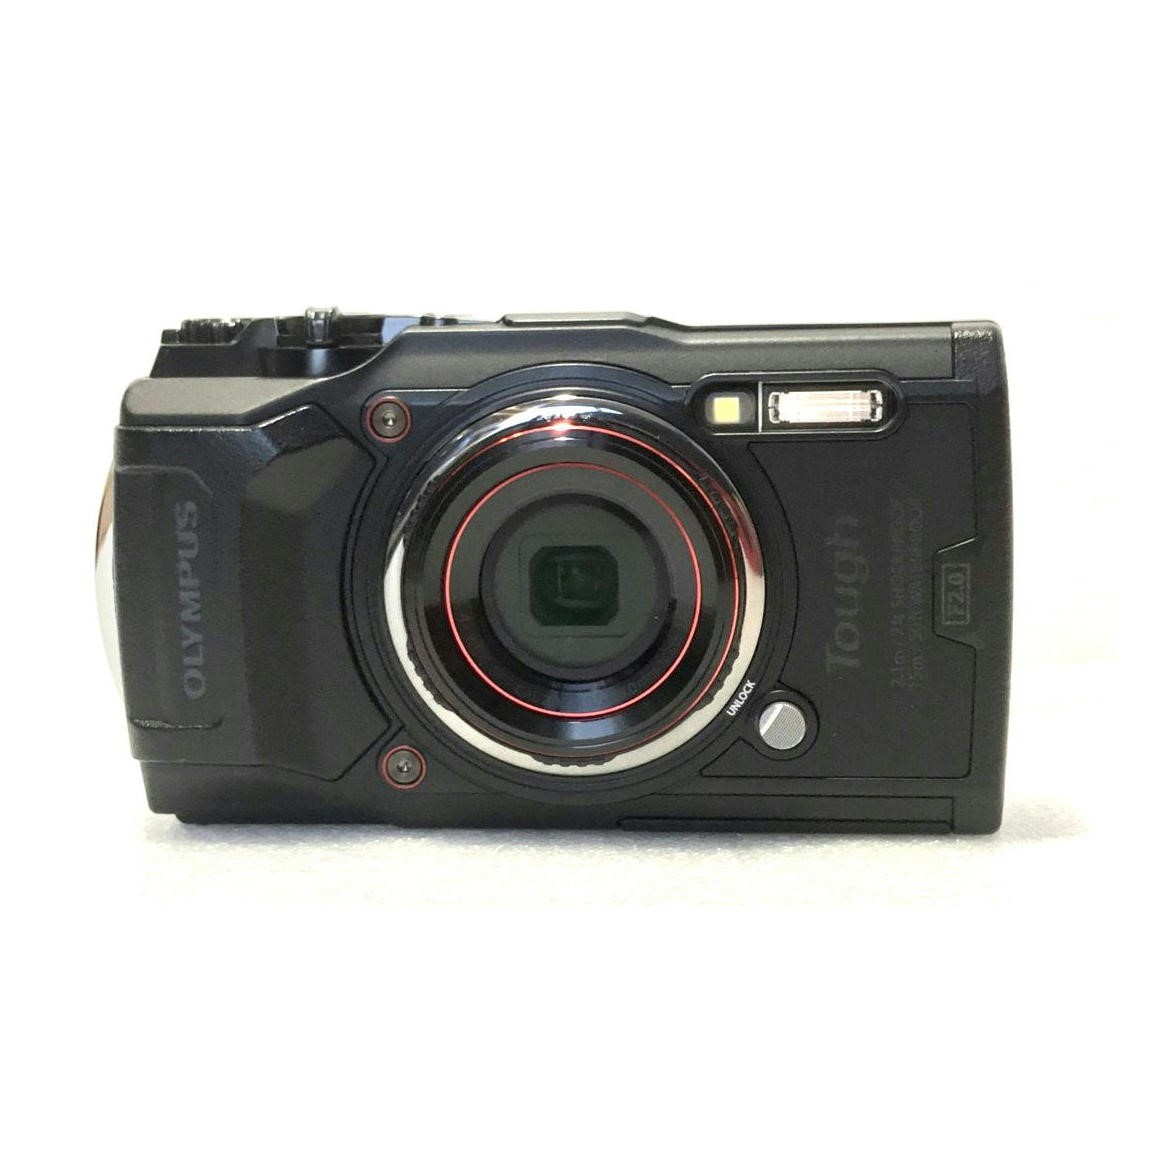 コンパクトデジタルカメラTough TG-6